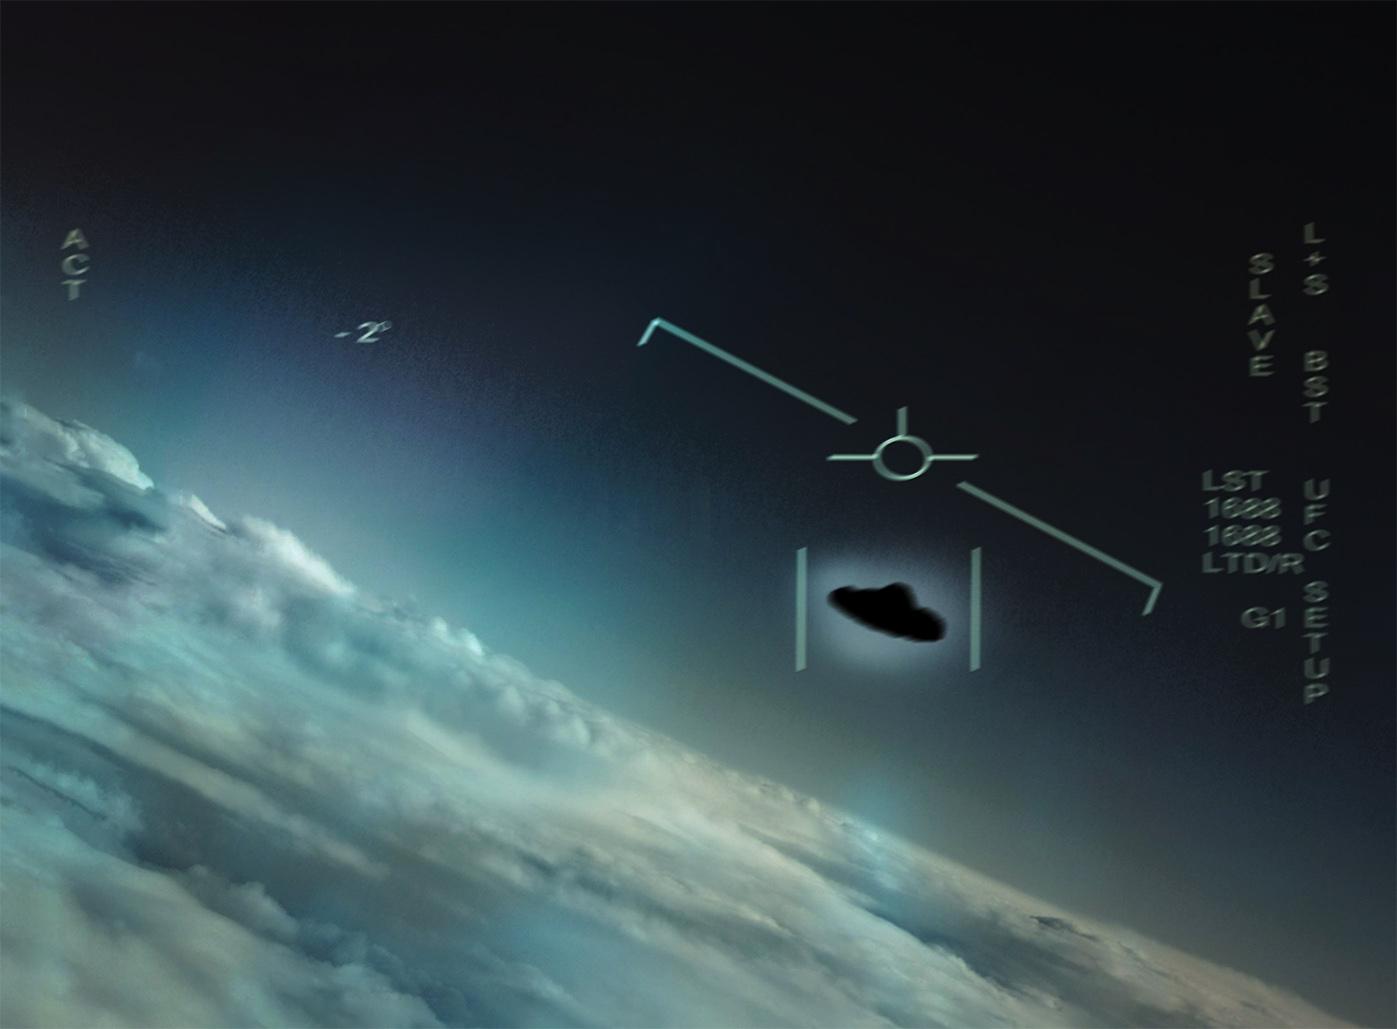 Tic Tac UFOs